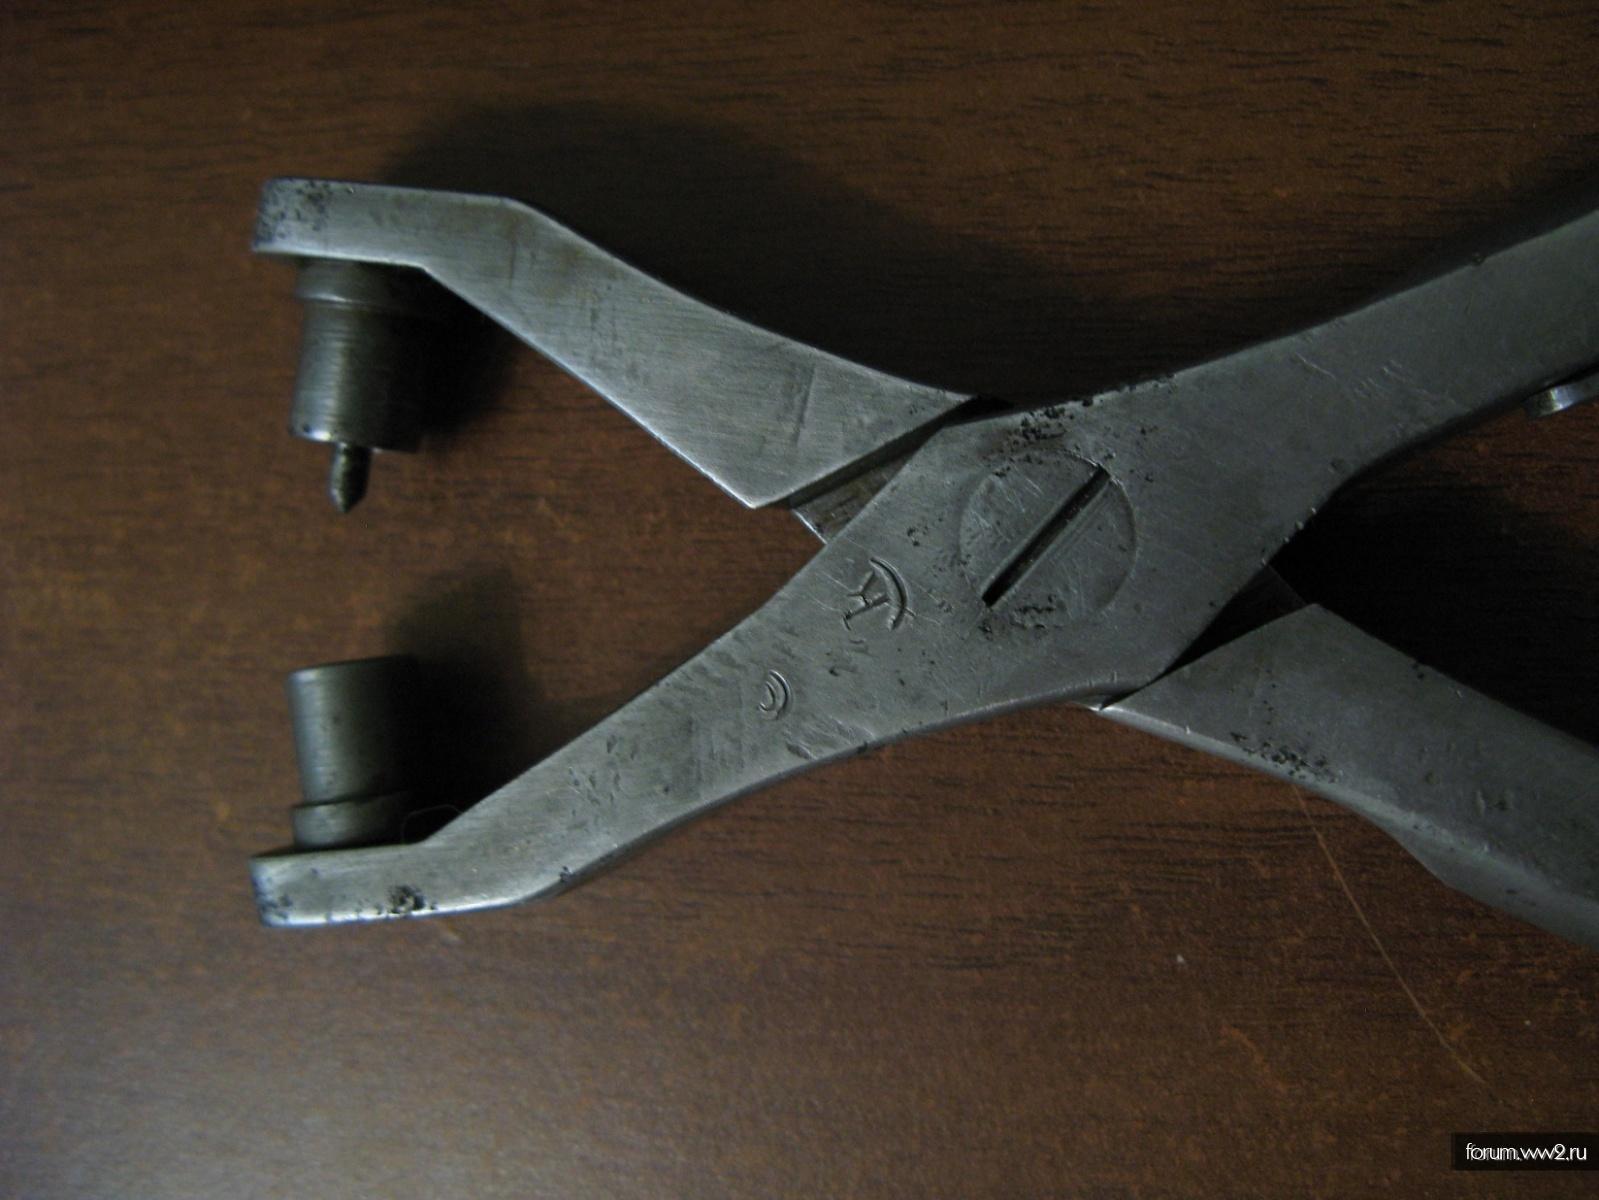 Клейма на щипцах из принадлежностей к пулемёту Максима.